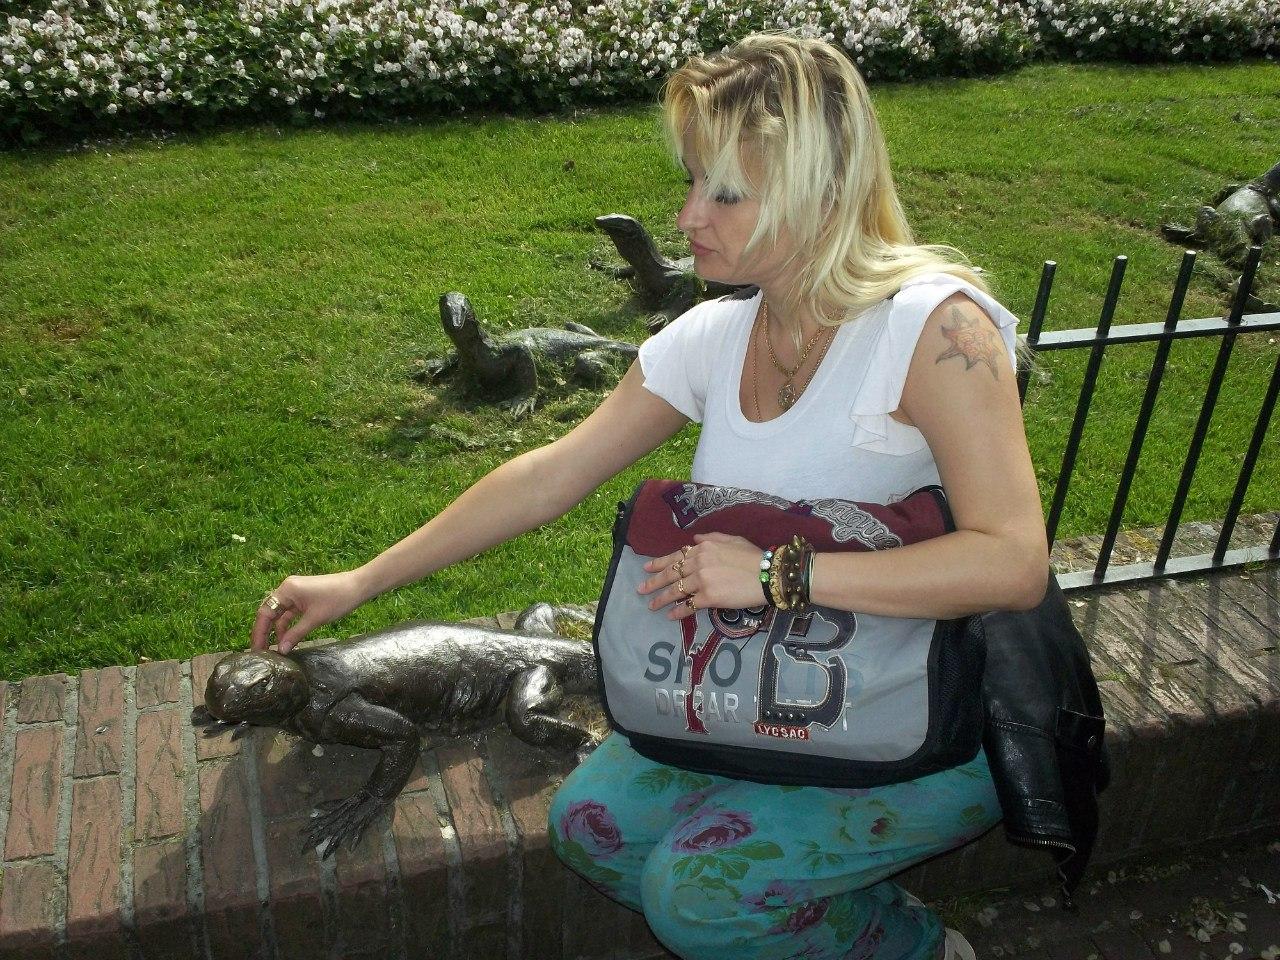 Елена Руденко. Амстердам и прилегающие к нему деревни. 2013 г. июнь. BwQElFtX07o